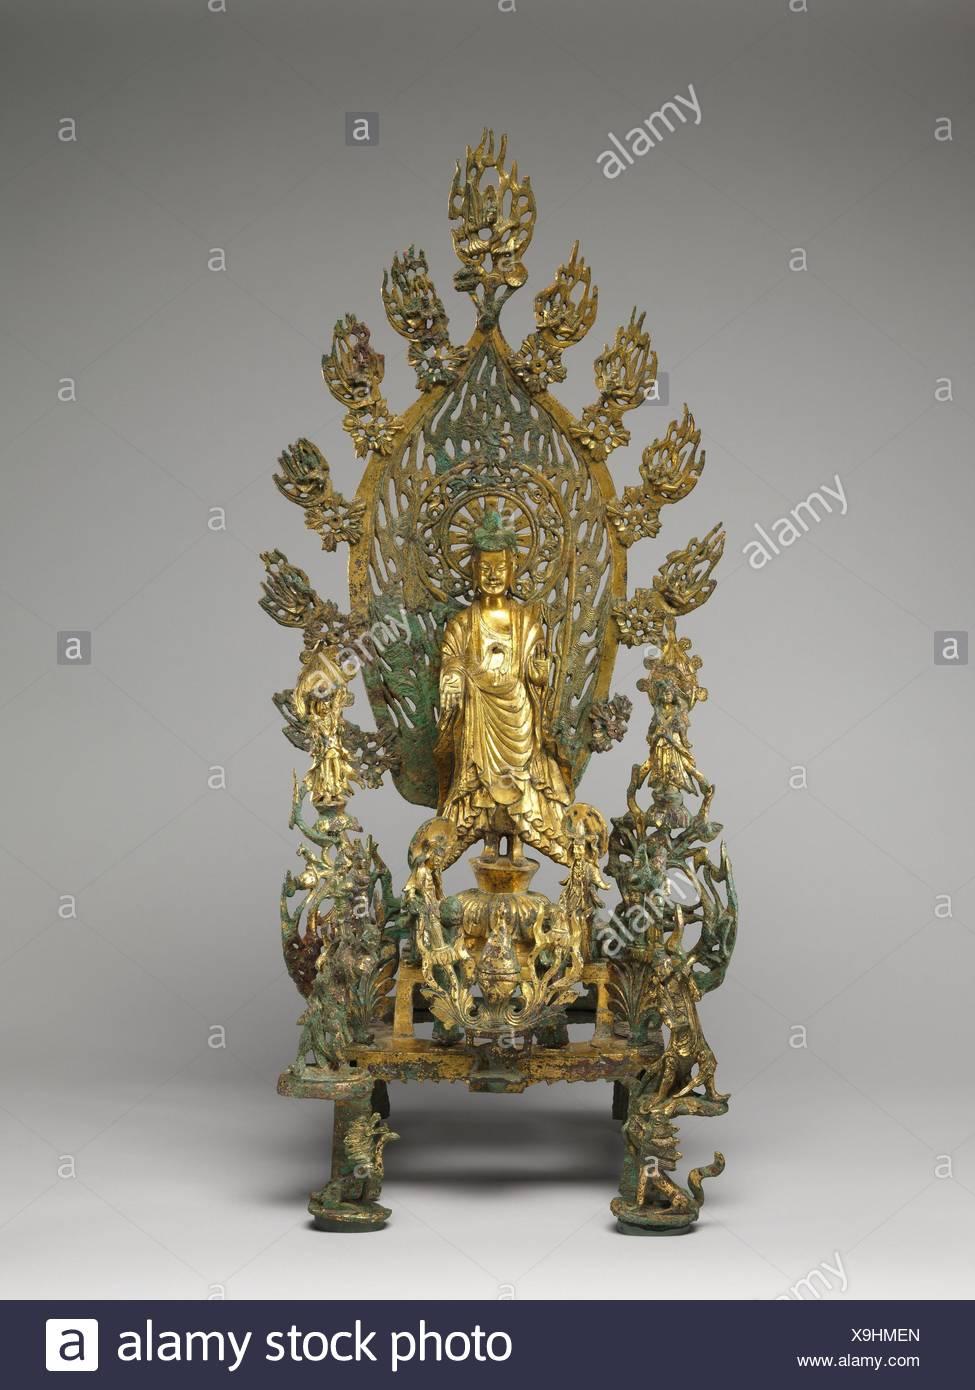 Période: dynastie des Wei du Nord (386-534); Date: du 524, Culture: Chine; moyen: bronze doré; Dimensions: H. 30 cm 1/4 (76,8); W. 16 in. (40,6 cm); Photo Stock